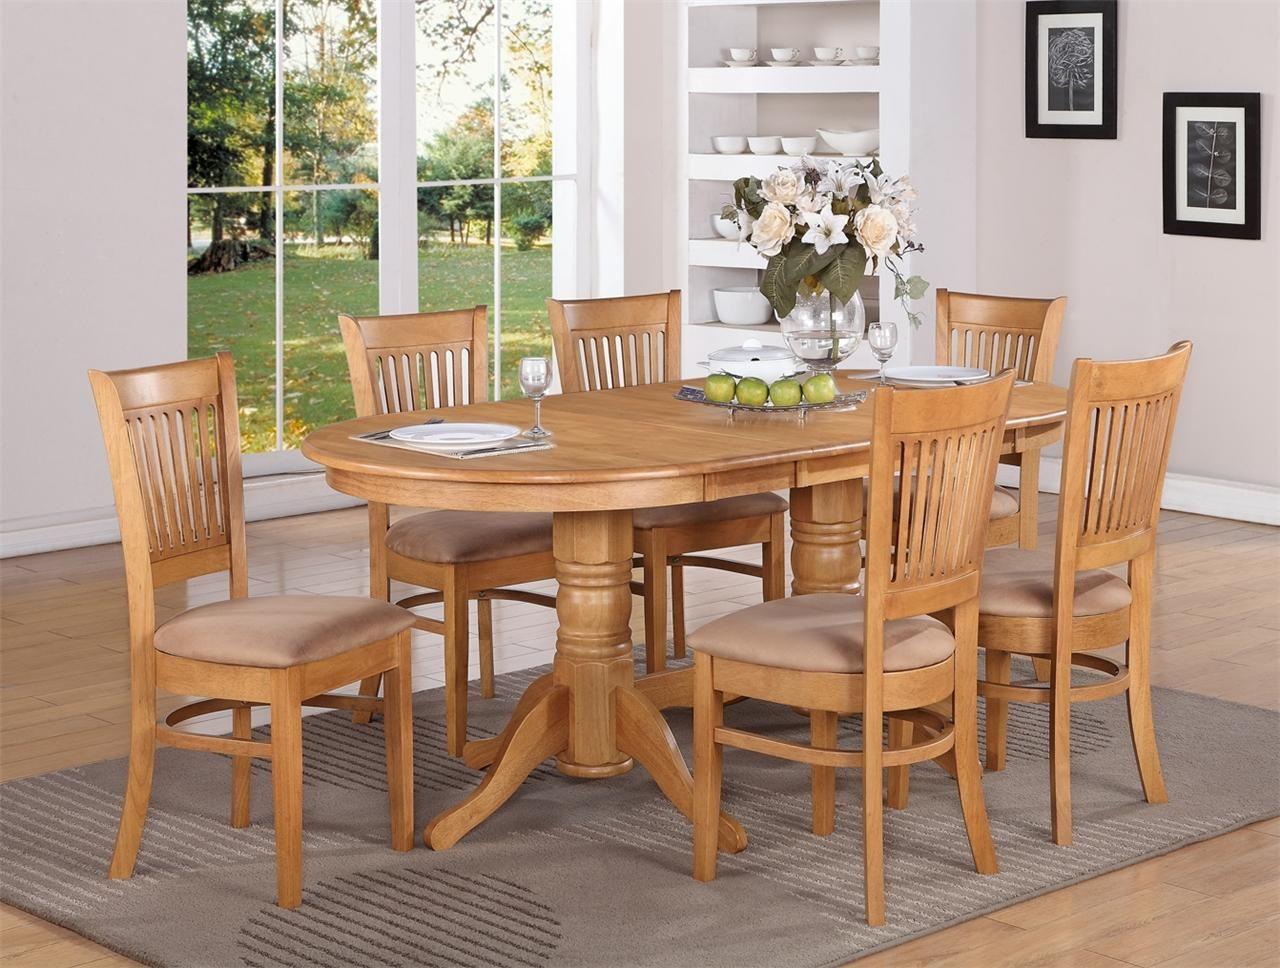 Oak Chairs For Kitchen Table Esszimmertisch Esszimmer Mobel